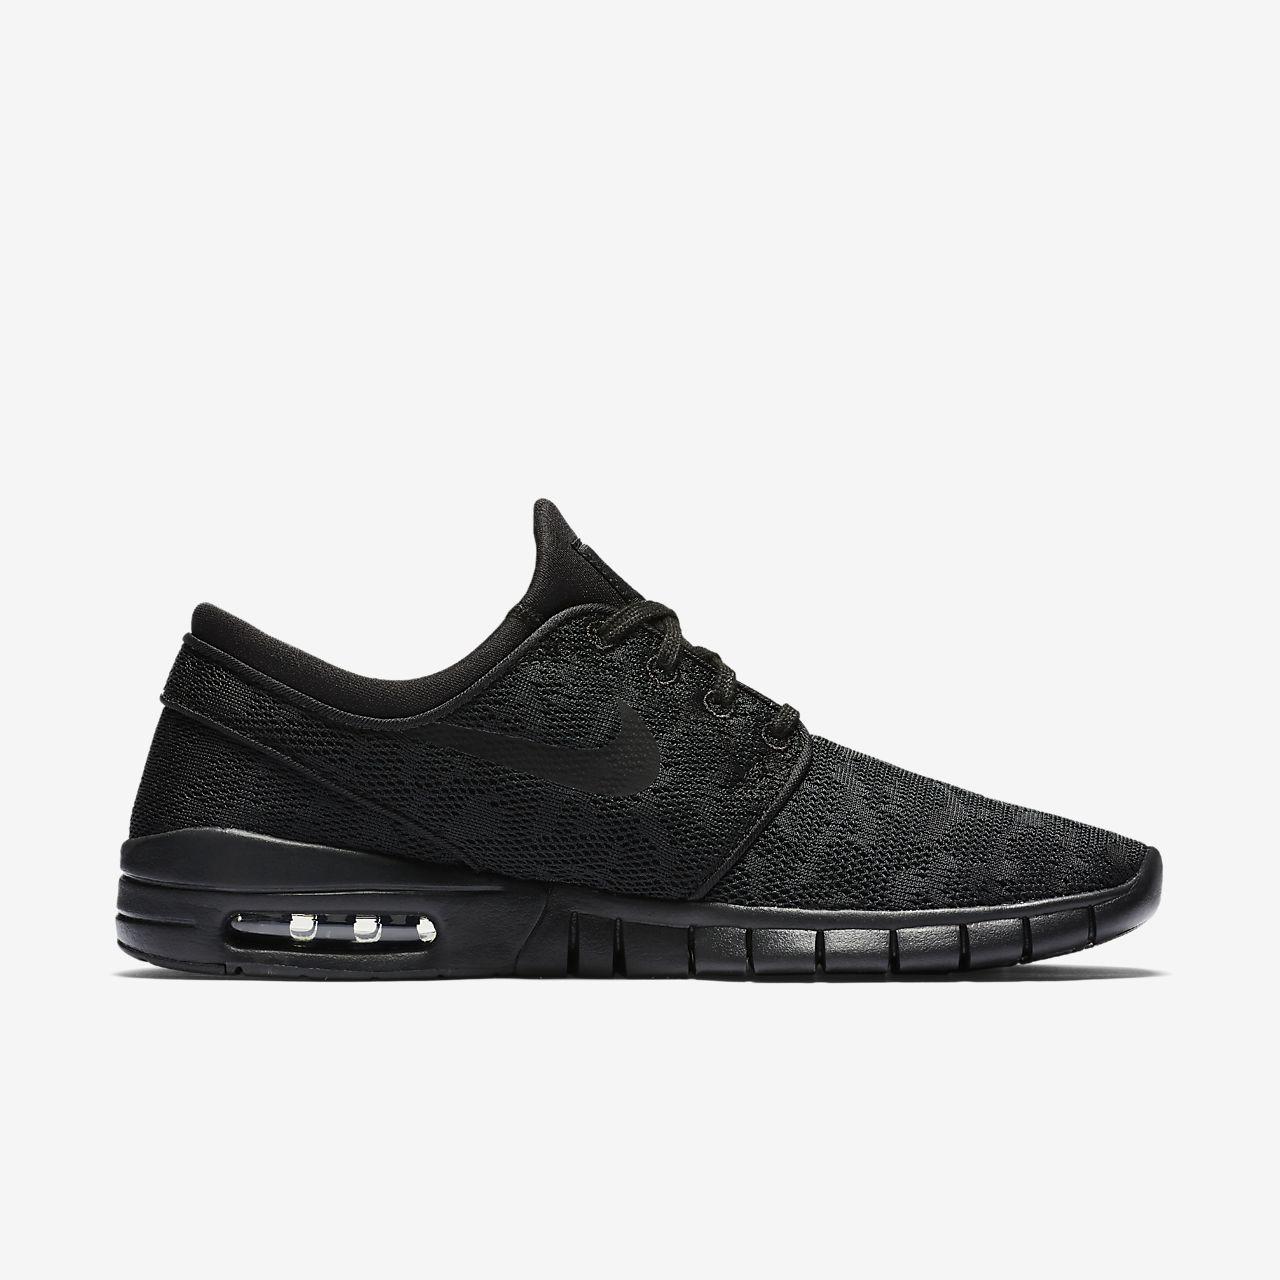 Mens Stefan Janoski Max Skateboarding Shoes Nike Cheap Sale Wholesale Price EKVklh